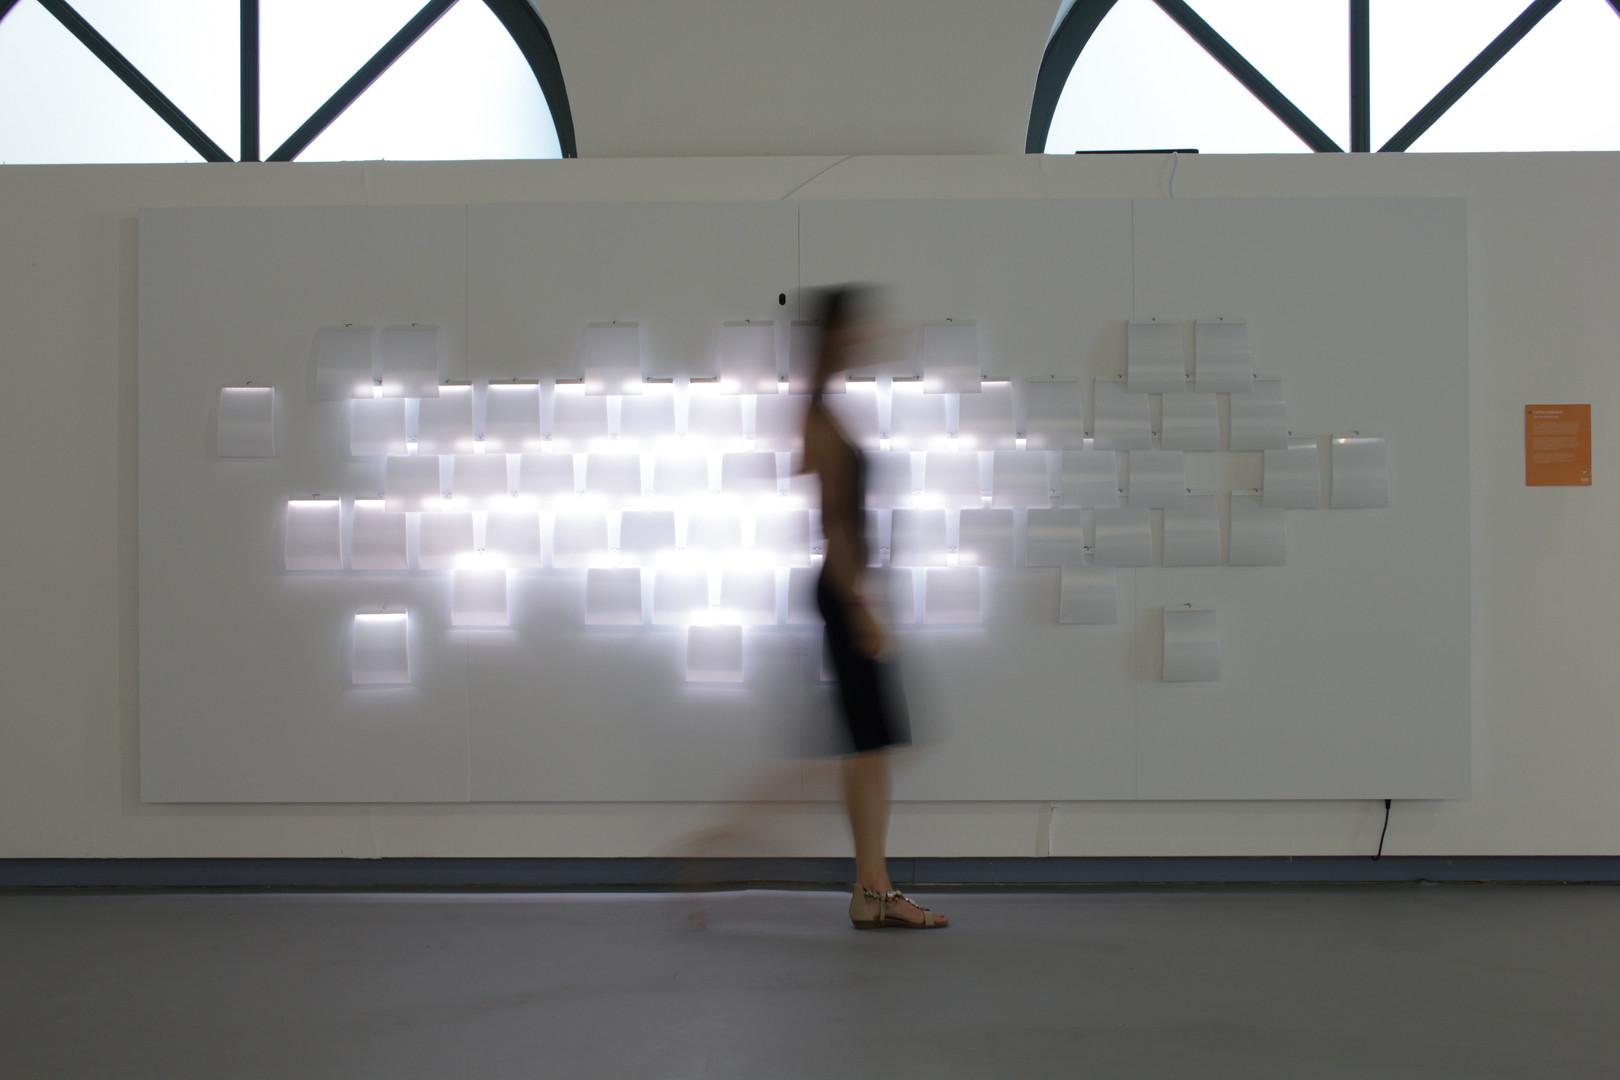 interaktive Lichtinstallation